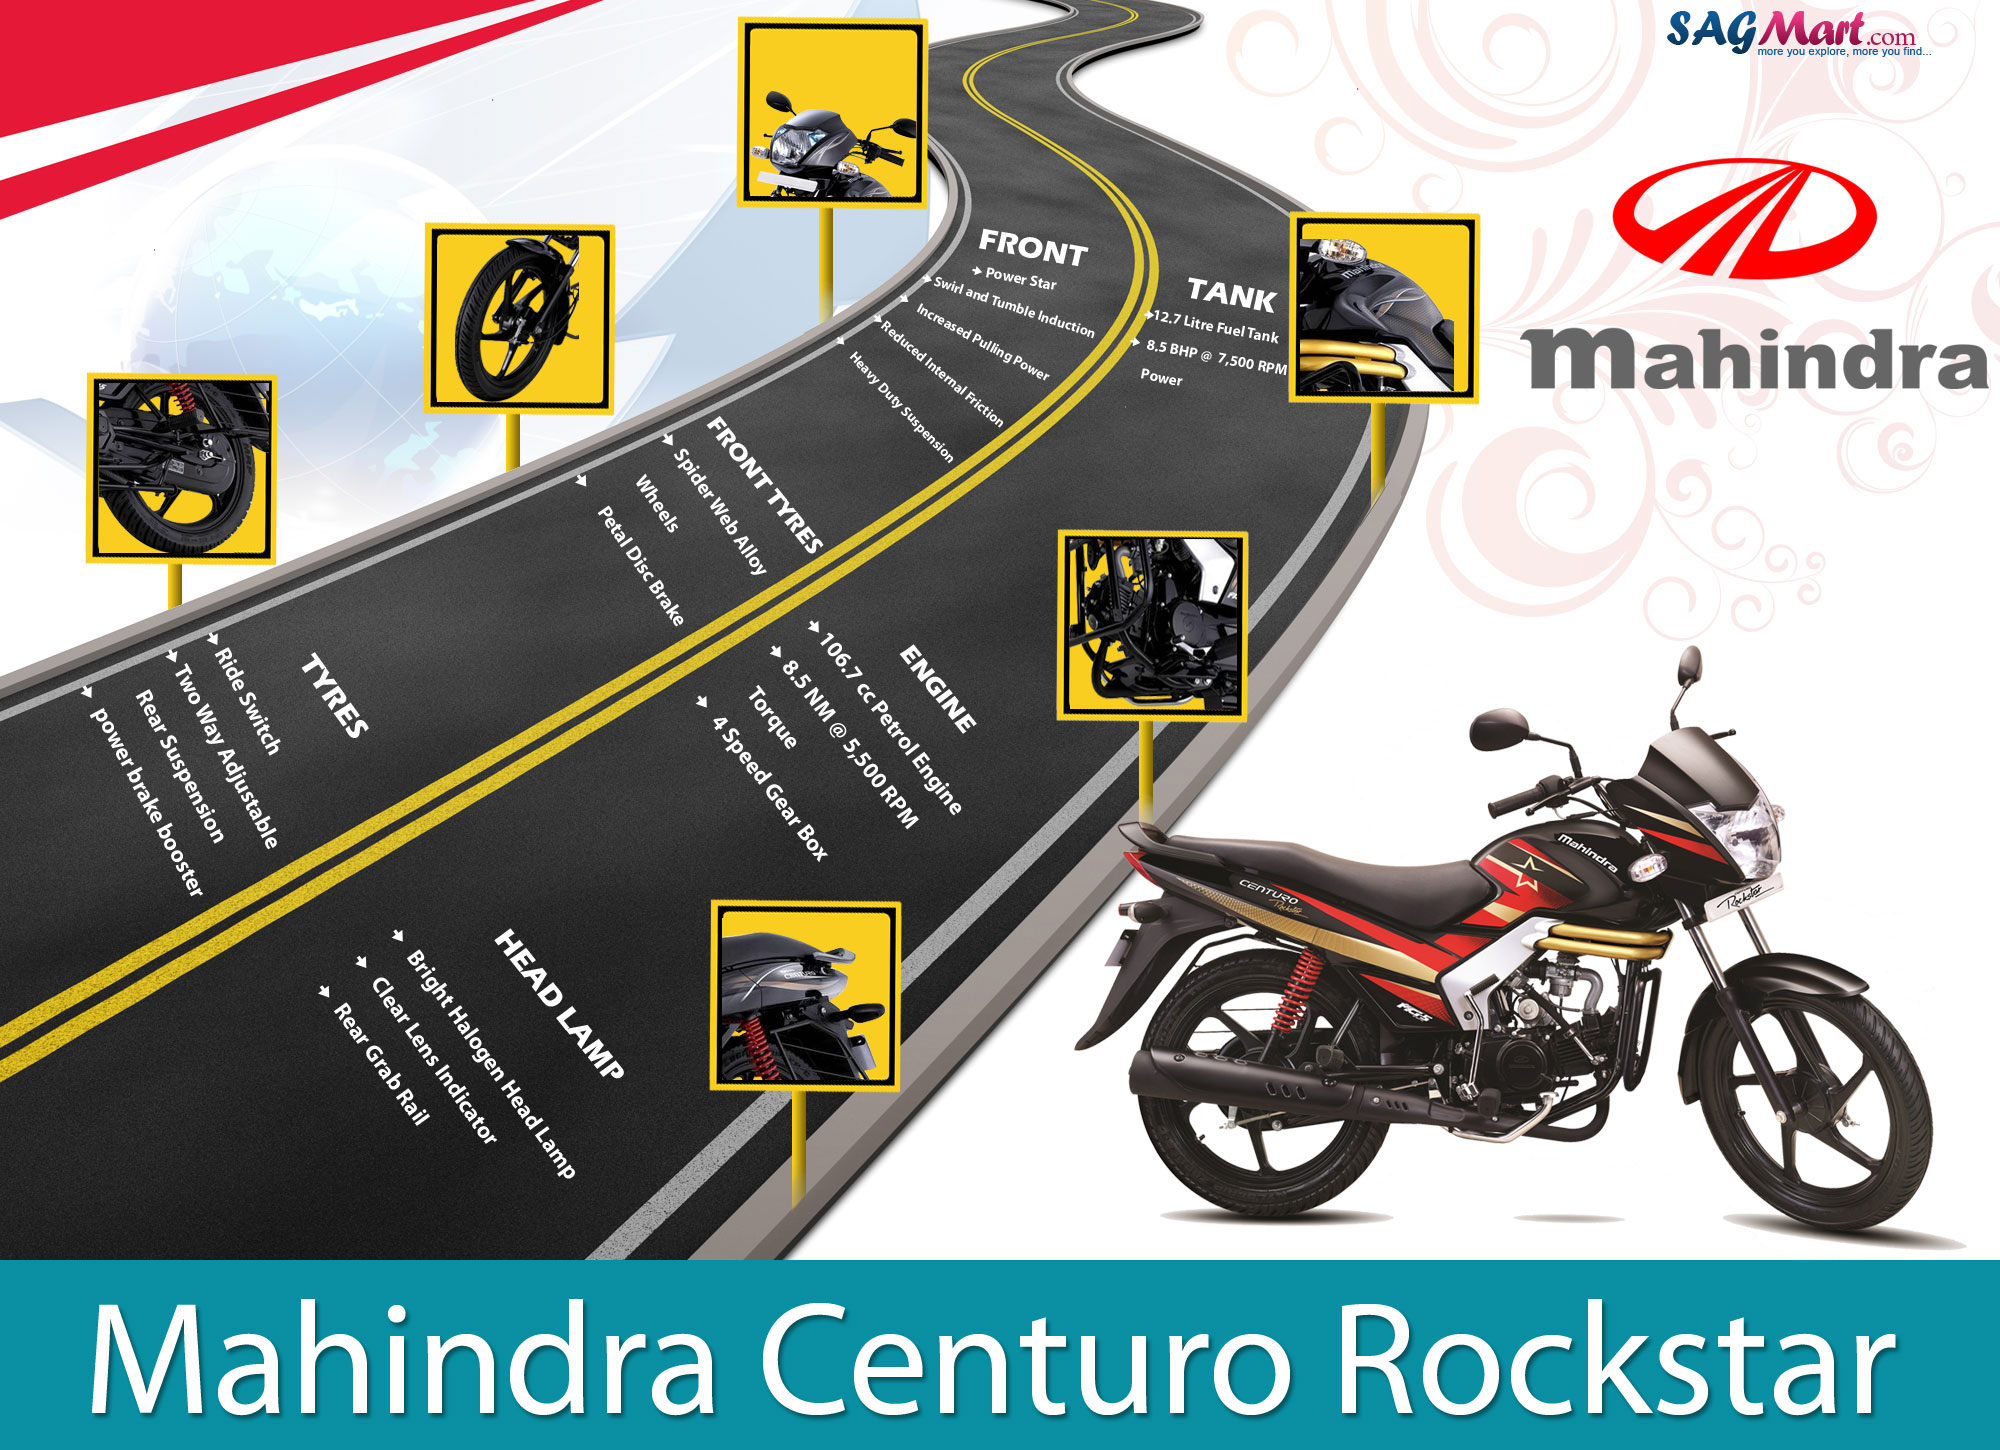 mahindra centuro rockstar